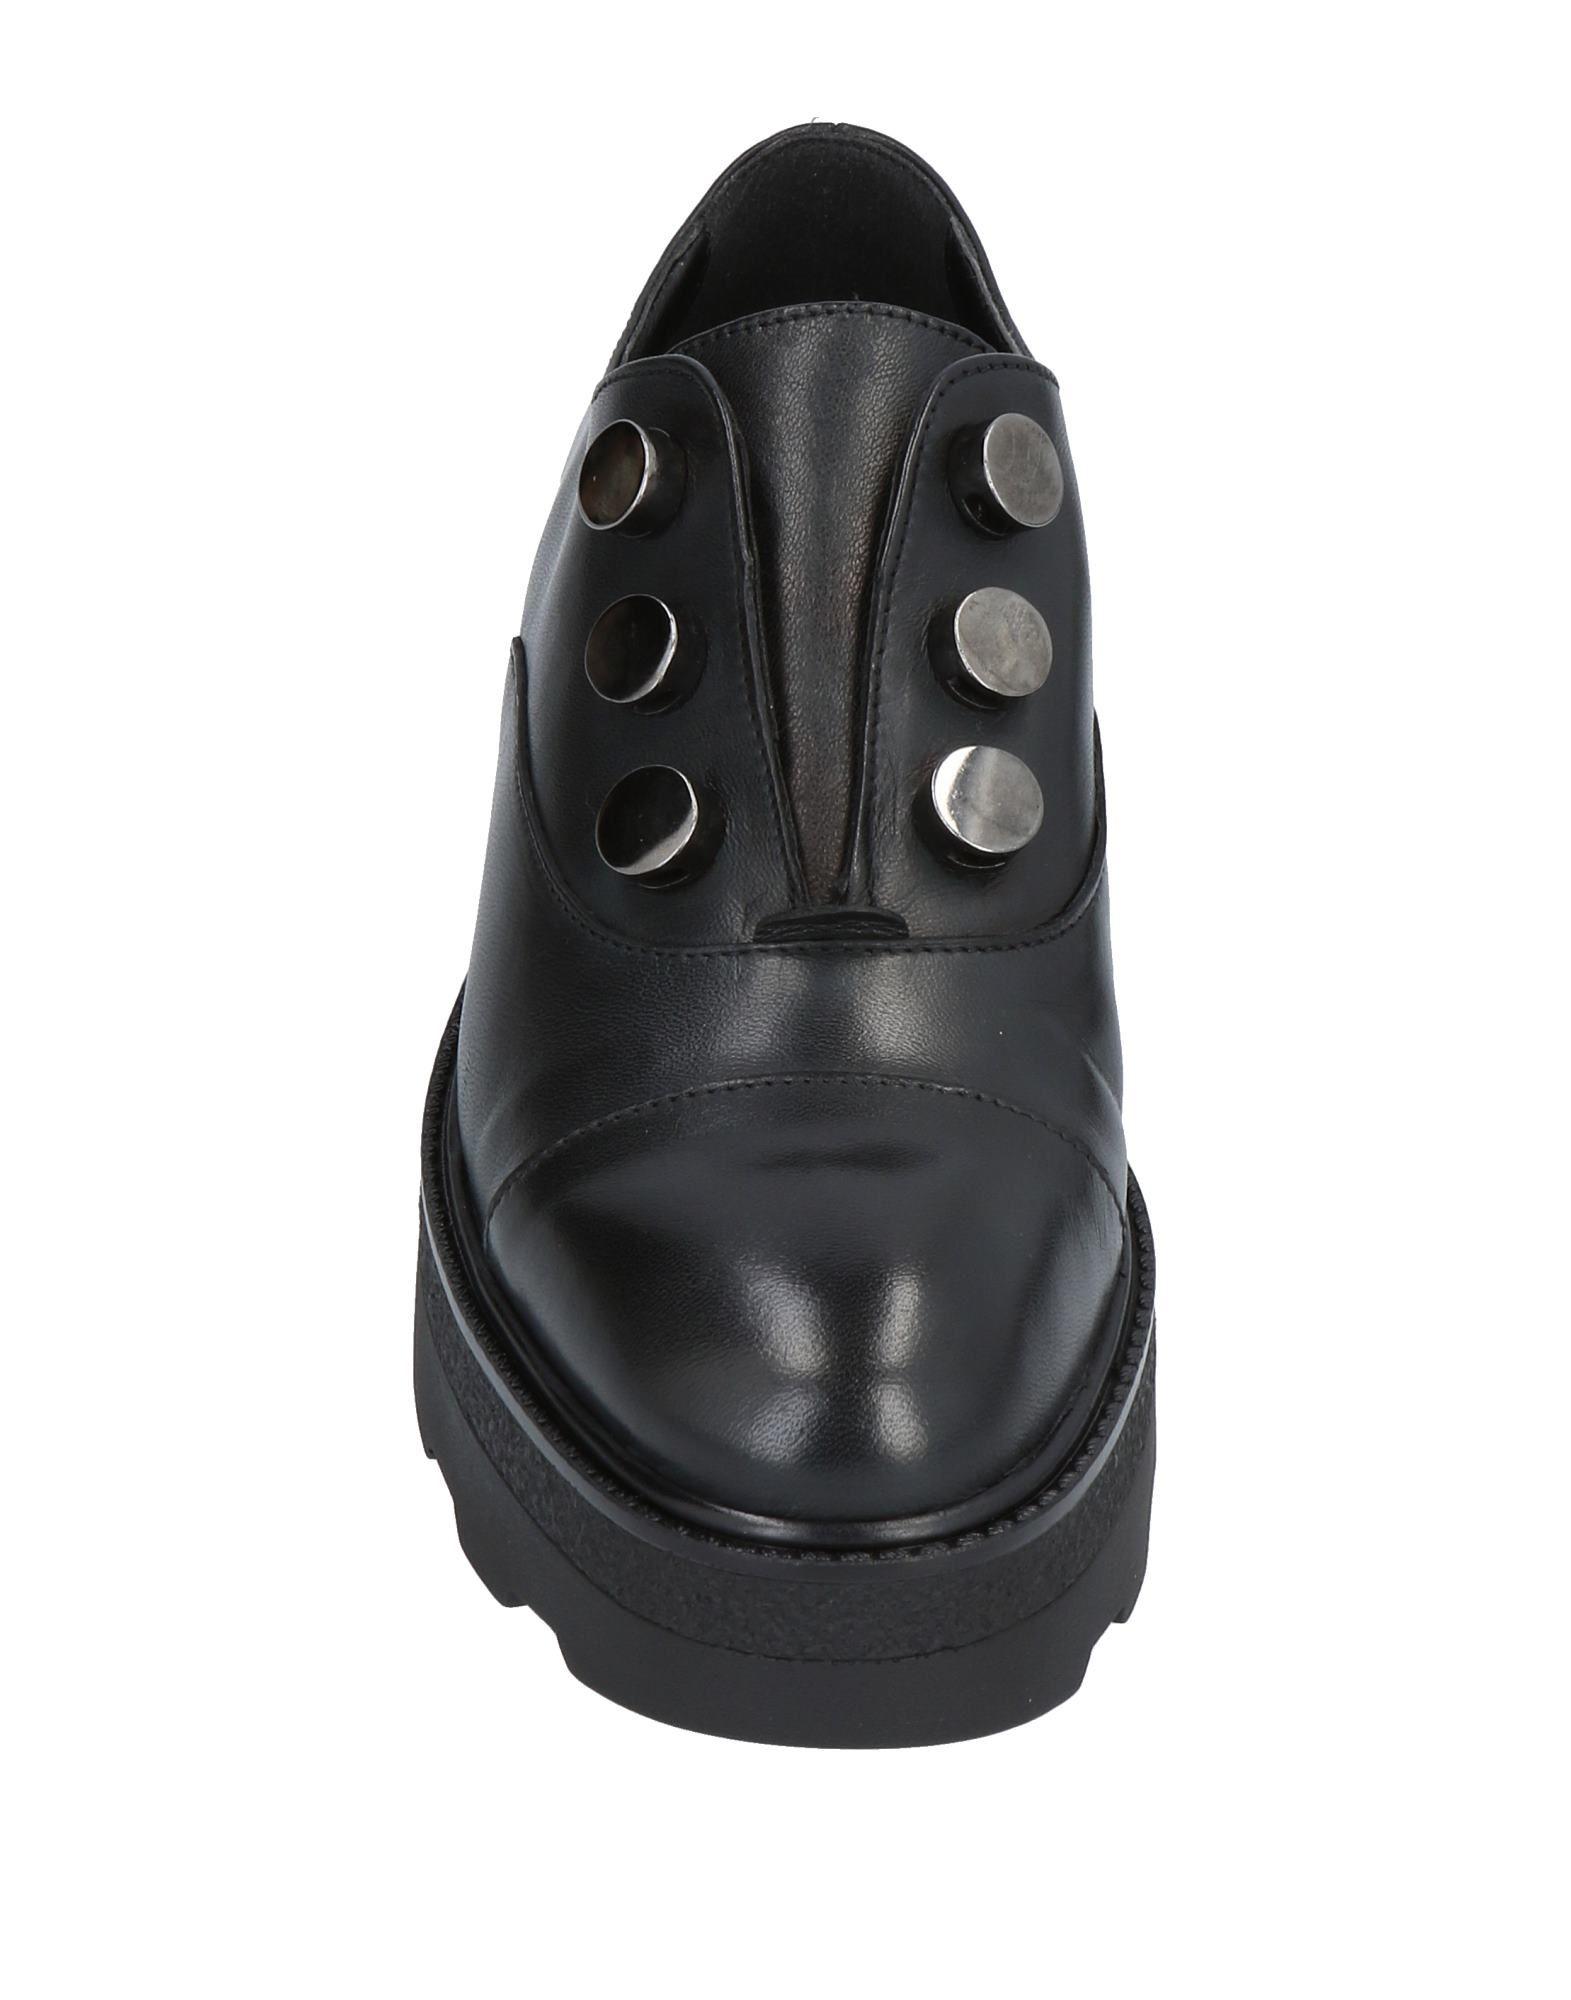 Formentini Mokassins 11478924AR Damen 11478924AR Mokassins Gute Qualität beliebte Schuhe 35204d